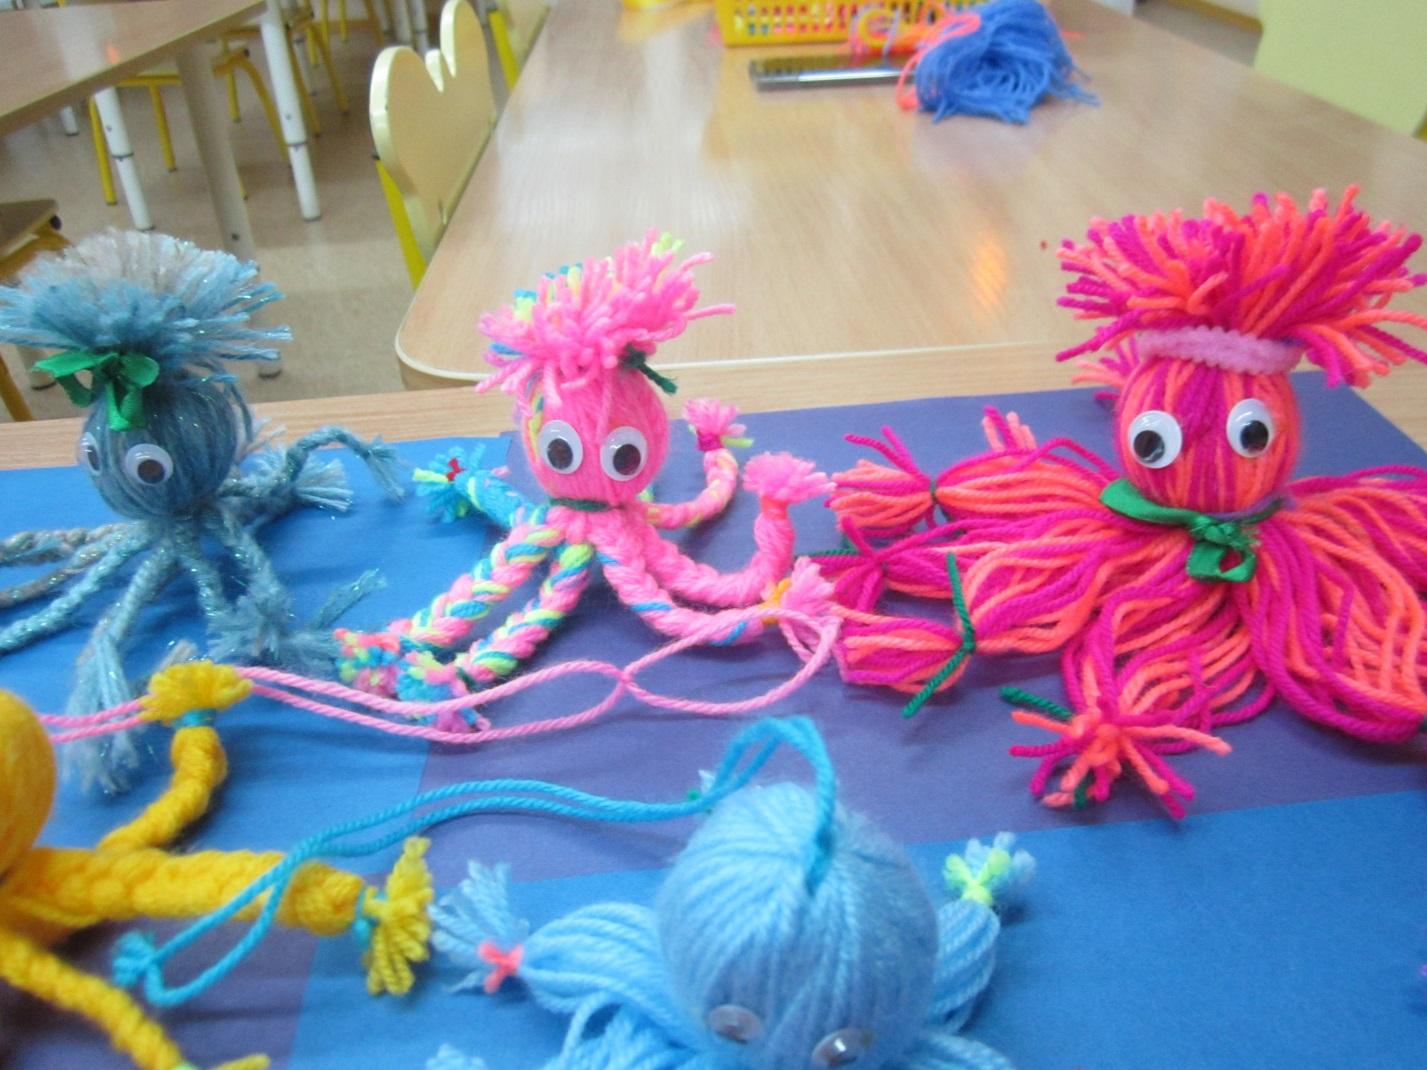 Конспект арт-терапевтического занятия «друзья для осьминожки». воспитателям детских садов, школьным учителям и педагогам - маам.ру